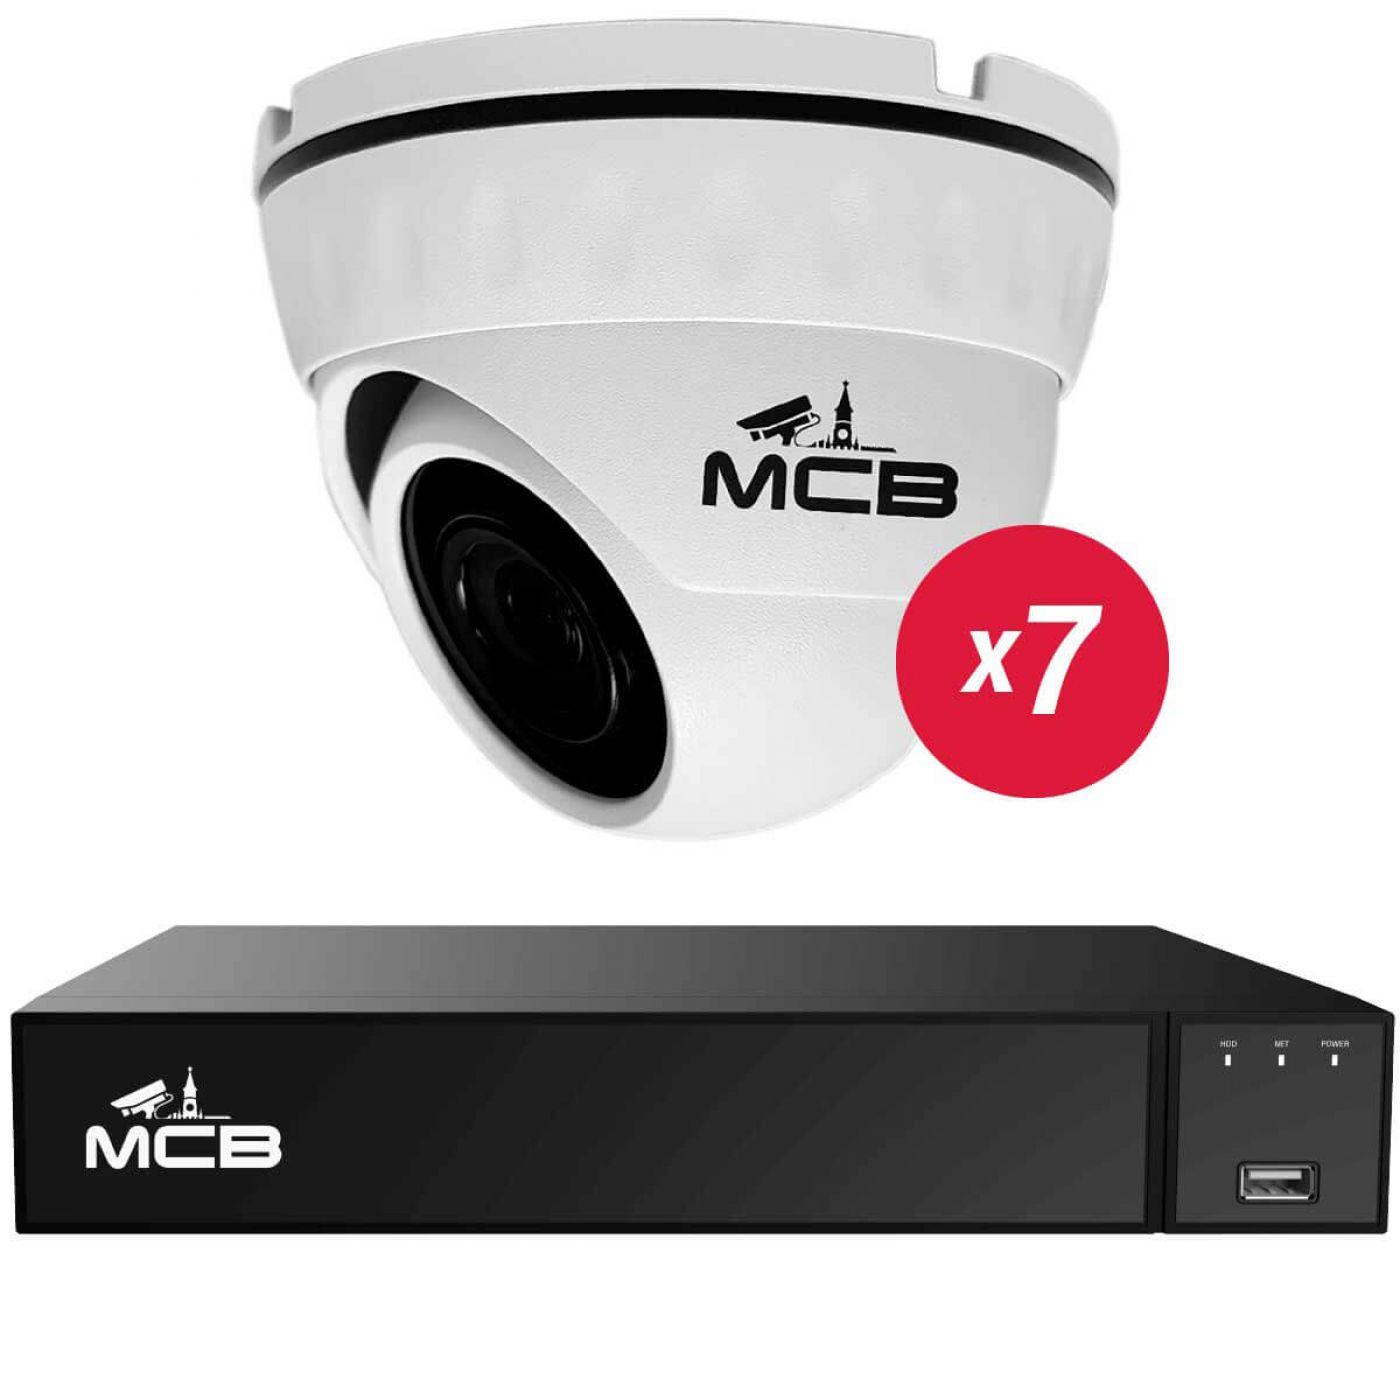 Комплект видеонаблюдения для помещения на 7 камер 2 Мегапикселя 1080P